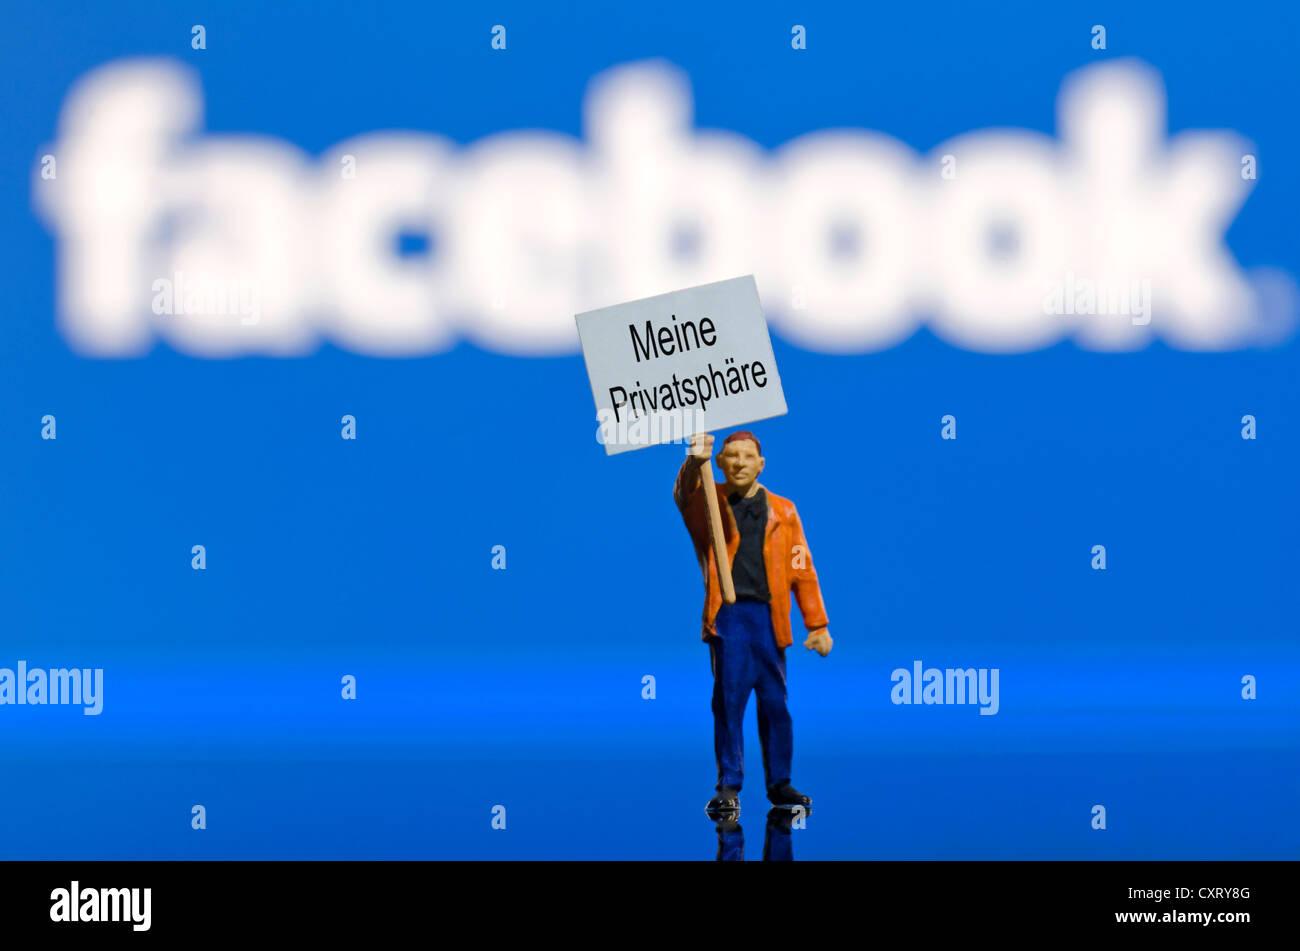 La tenue d'un manifestant, lettrage conseil 'Meine Privatsphaere', l'allemand pour la vie privée', Photo Stock